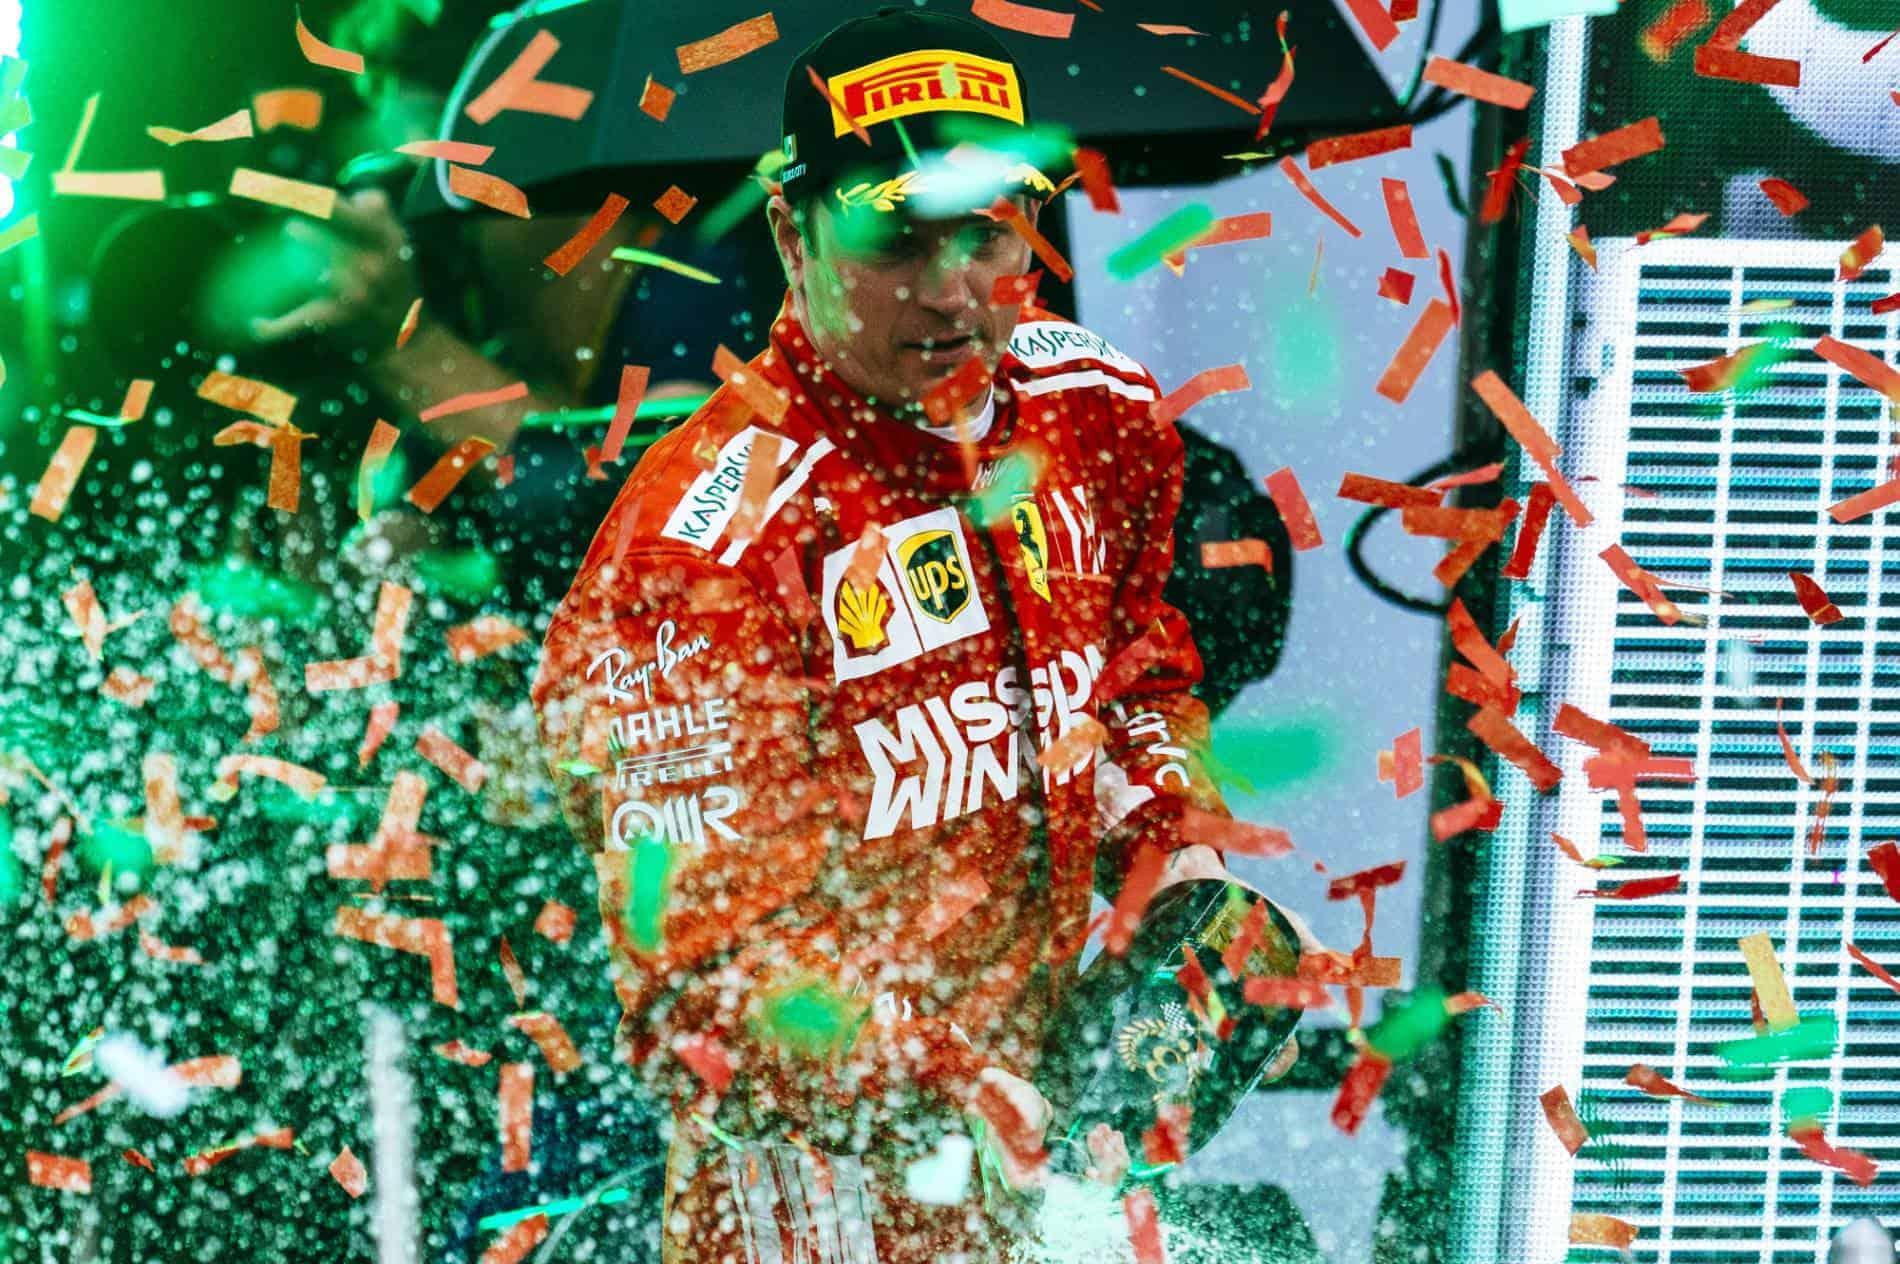 Kimi Raikkonen Mexican GP F1 2018 podium Photo Ferrari